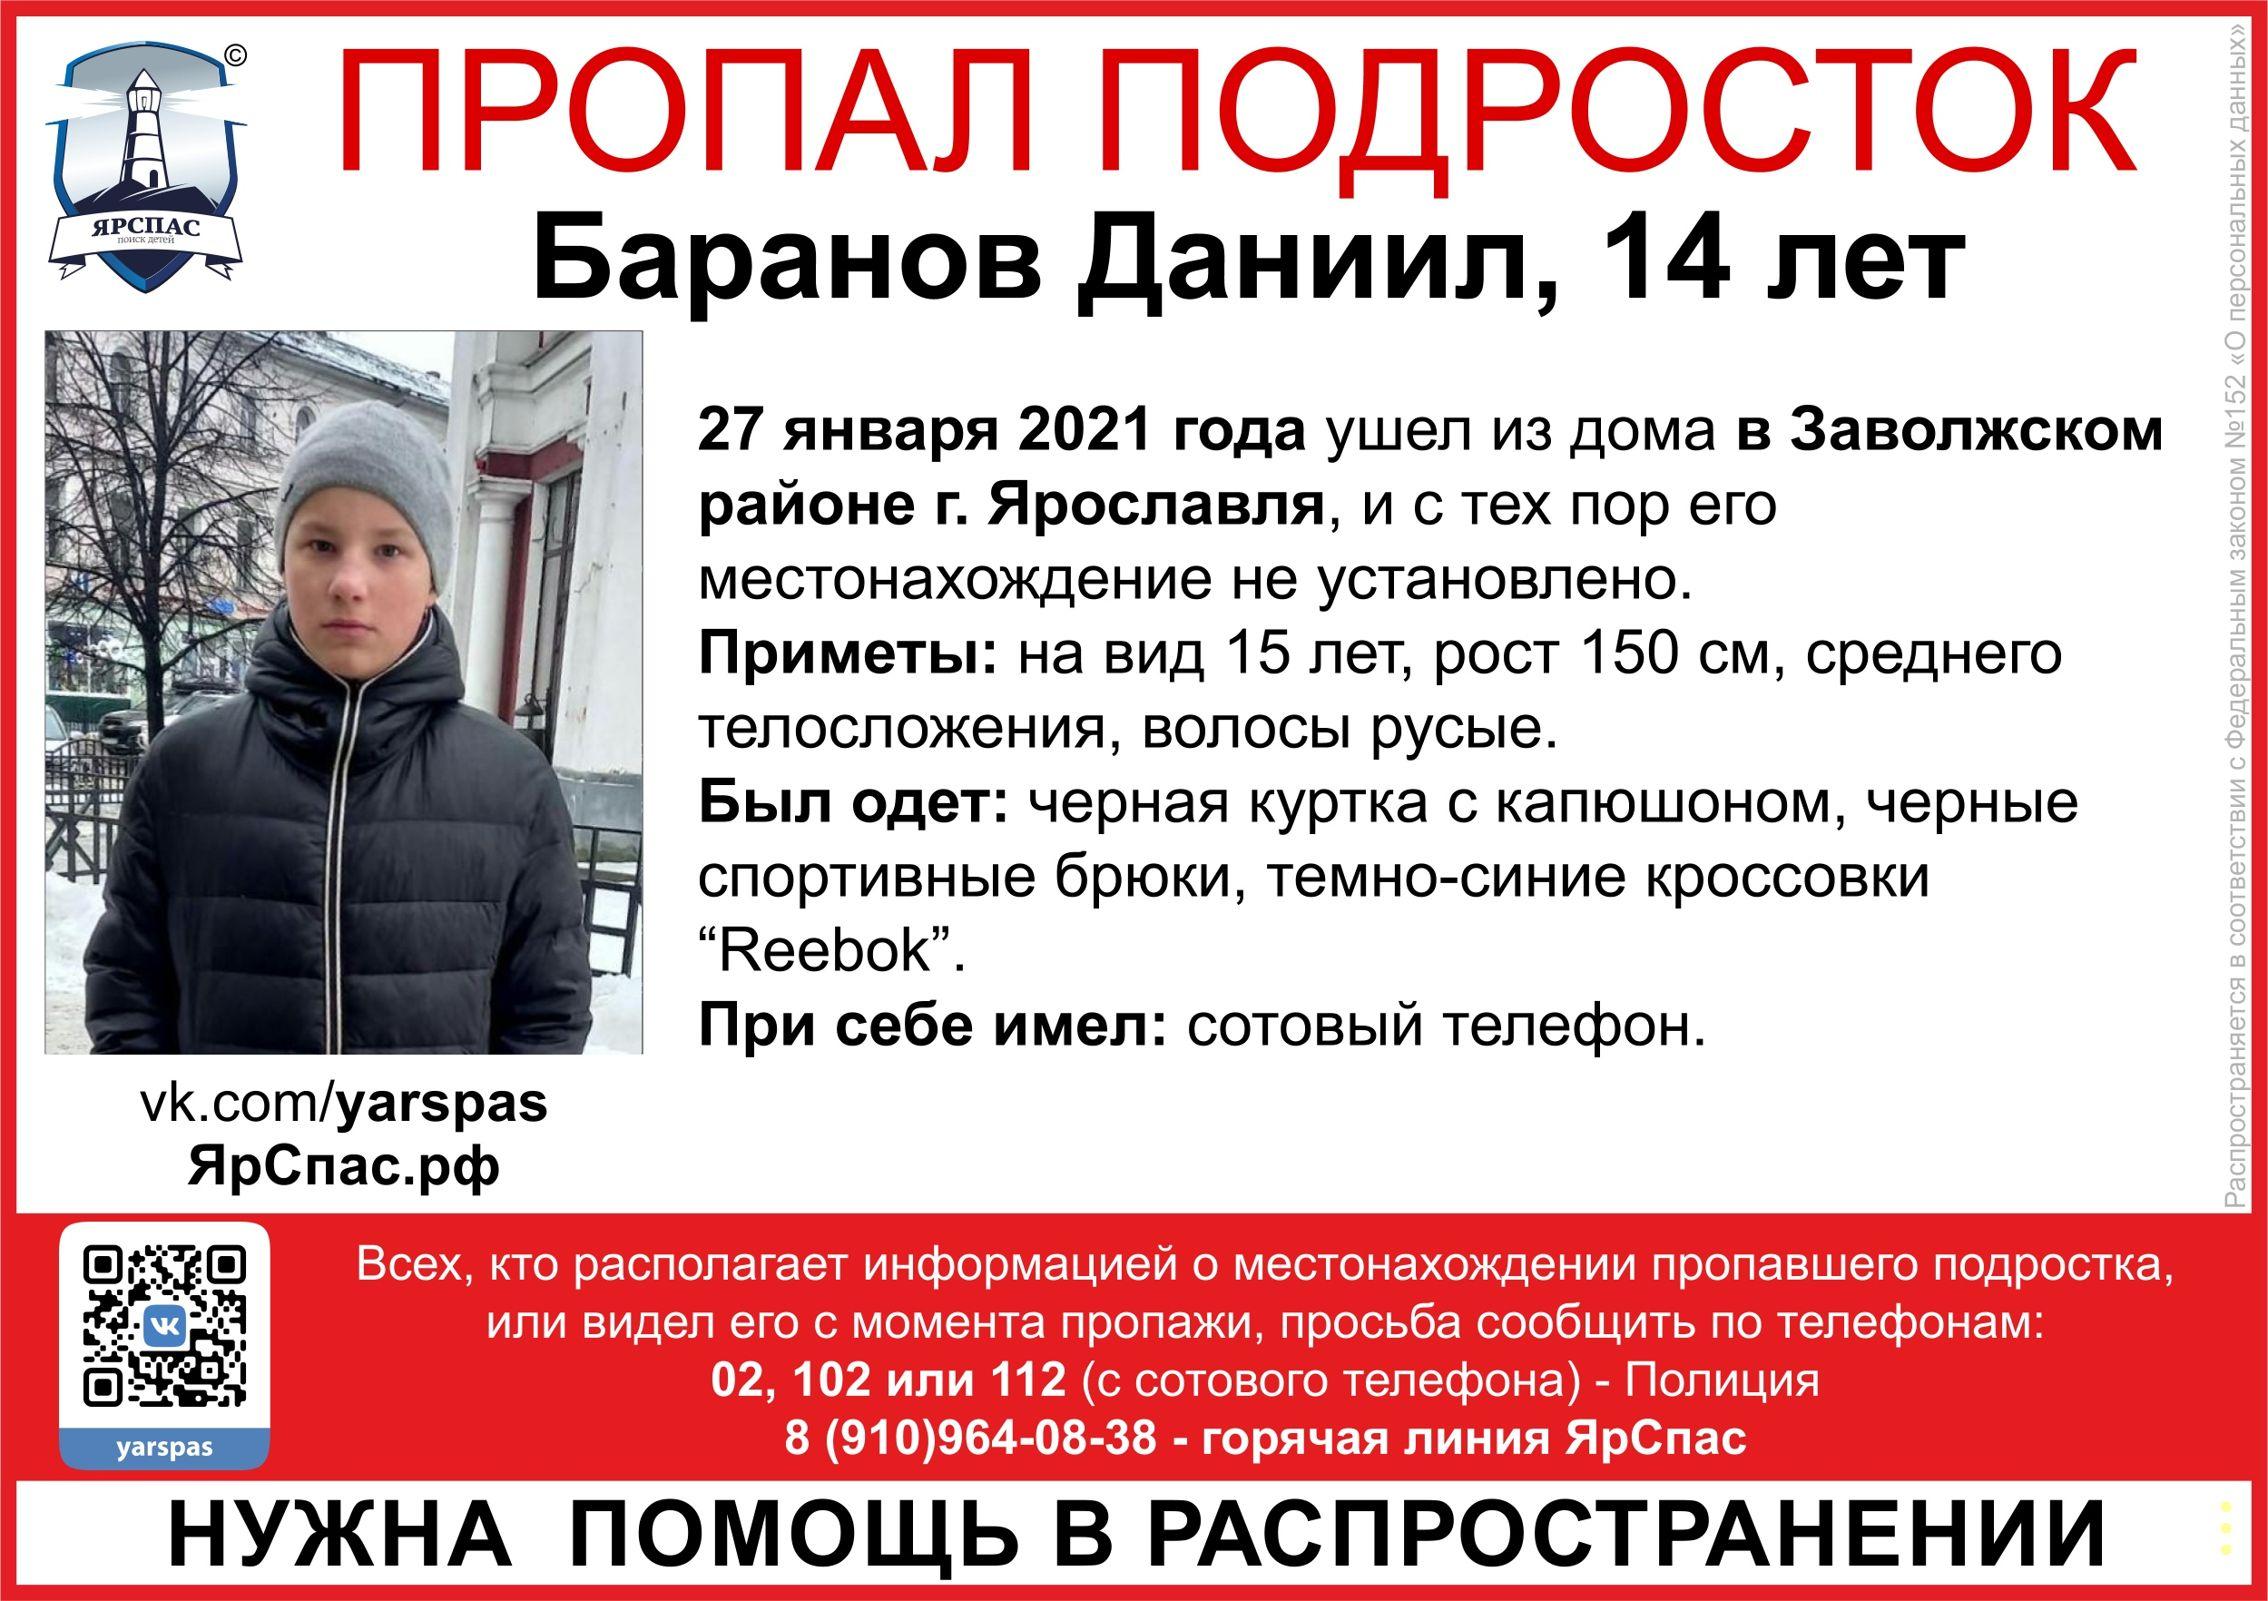 В Ярославле ищут пропавшего 14-летнего подростка